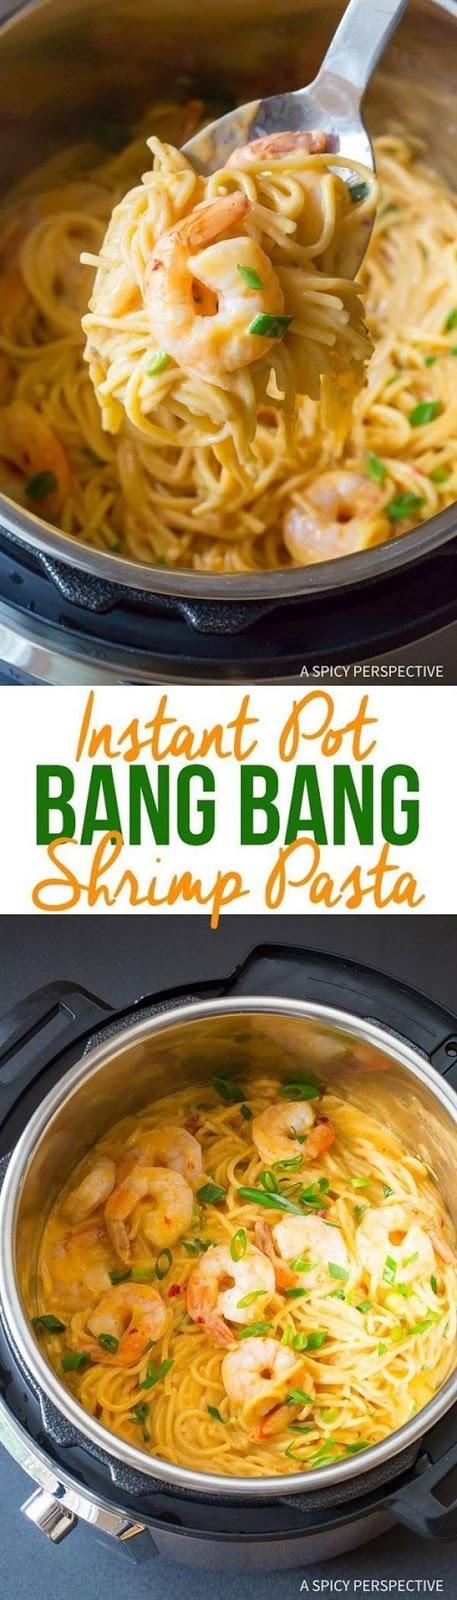 Easy Instant Pot Bang Bang Shrimp Pasta #Easy #simplirecipe #Instantpot #Bangbang #Shrimp #Pasta #vegan #Vegetables #Vegetablessoup #Easydinner #Healthydinner